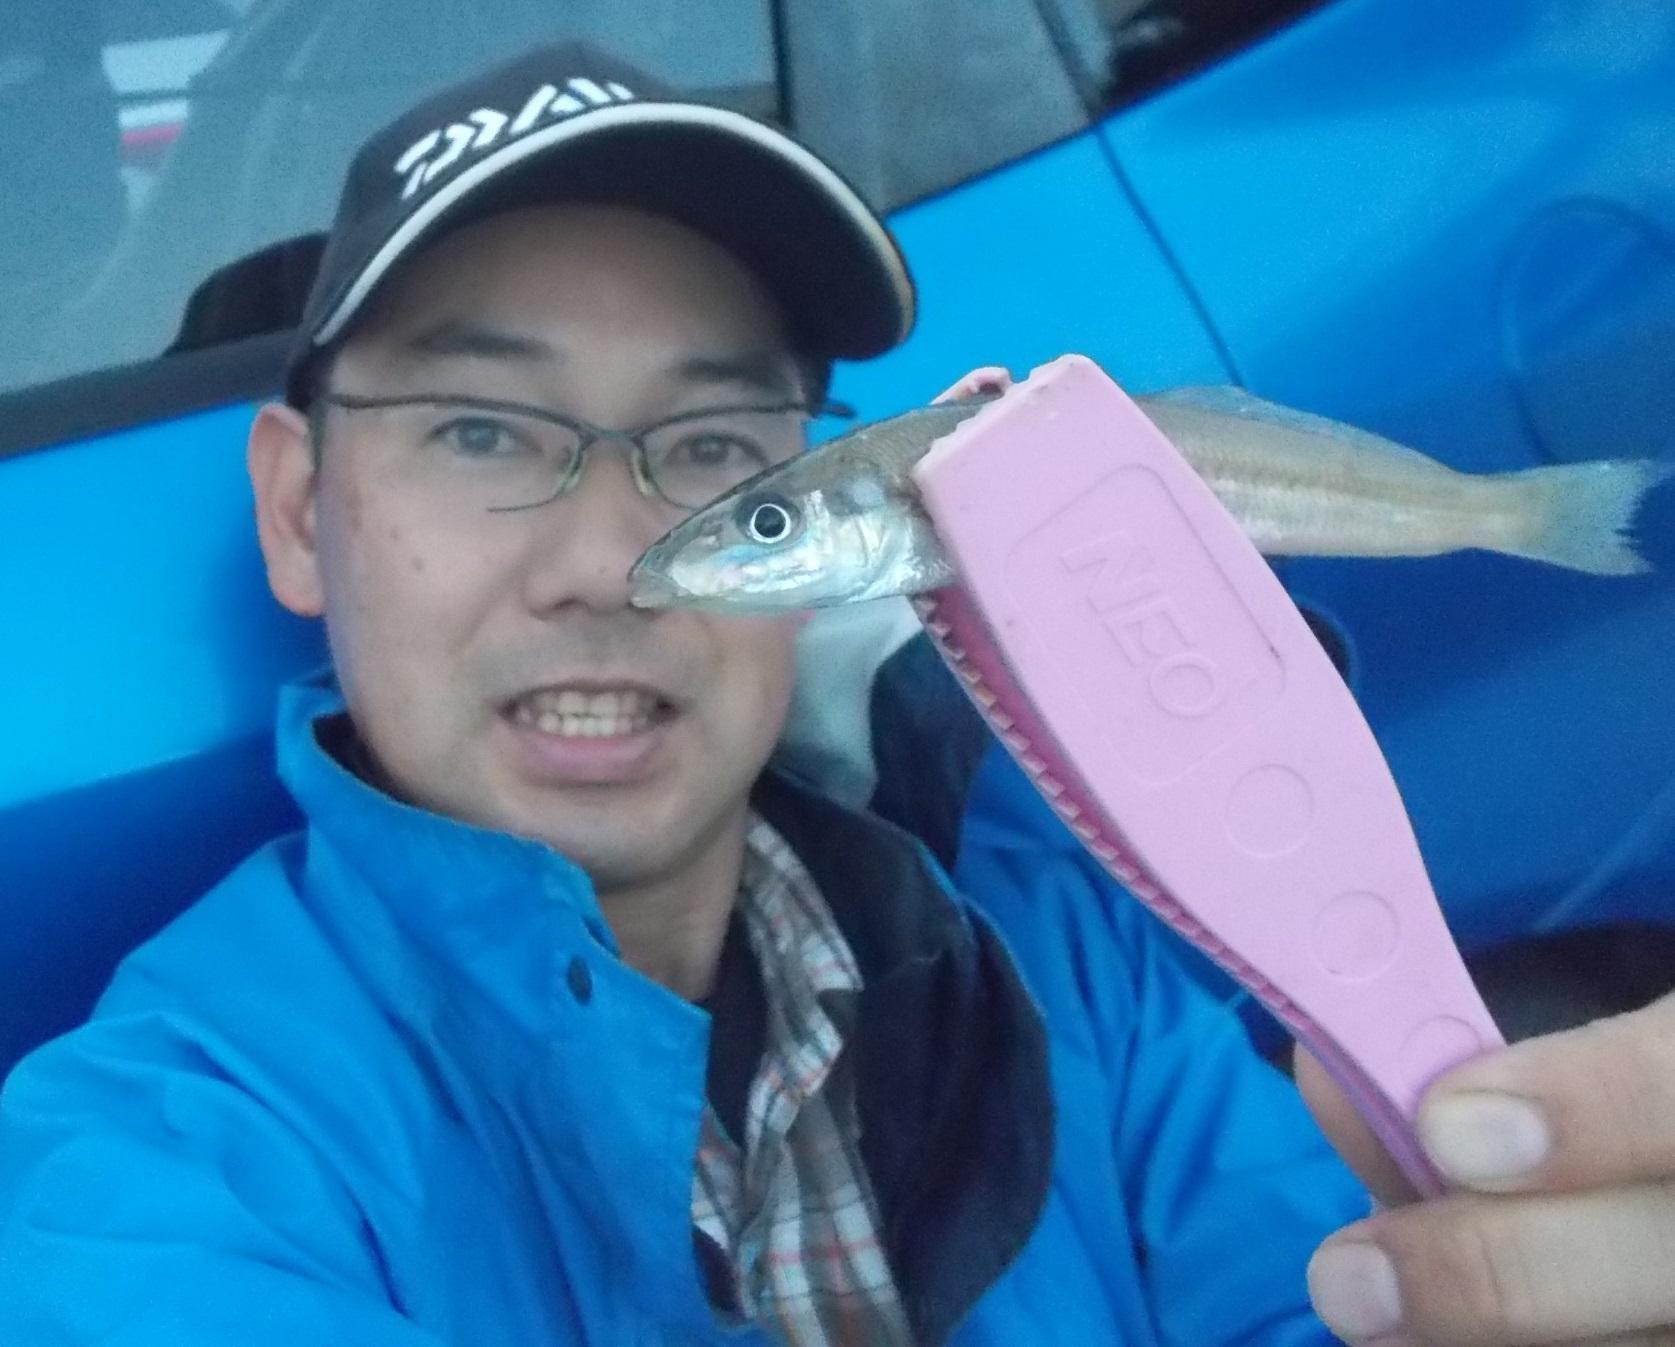 表浜名湖各地でキスが釣れてます。場所によっては大きさにバラつきがあるようです。まだまだ釣れてます♪